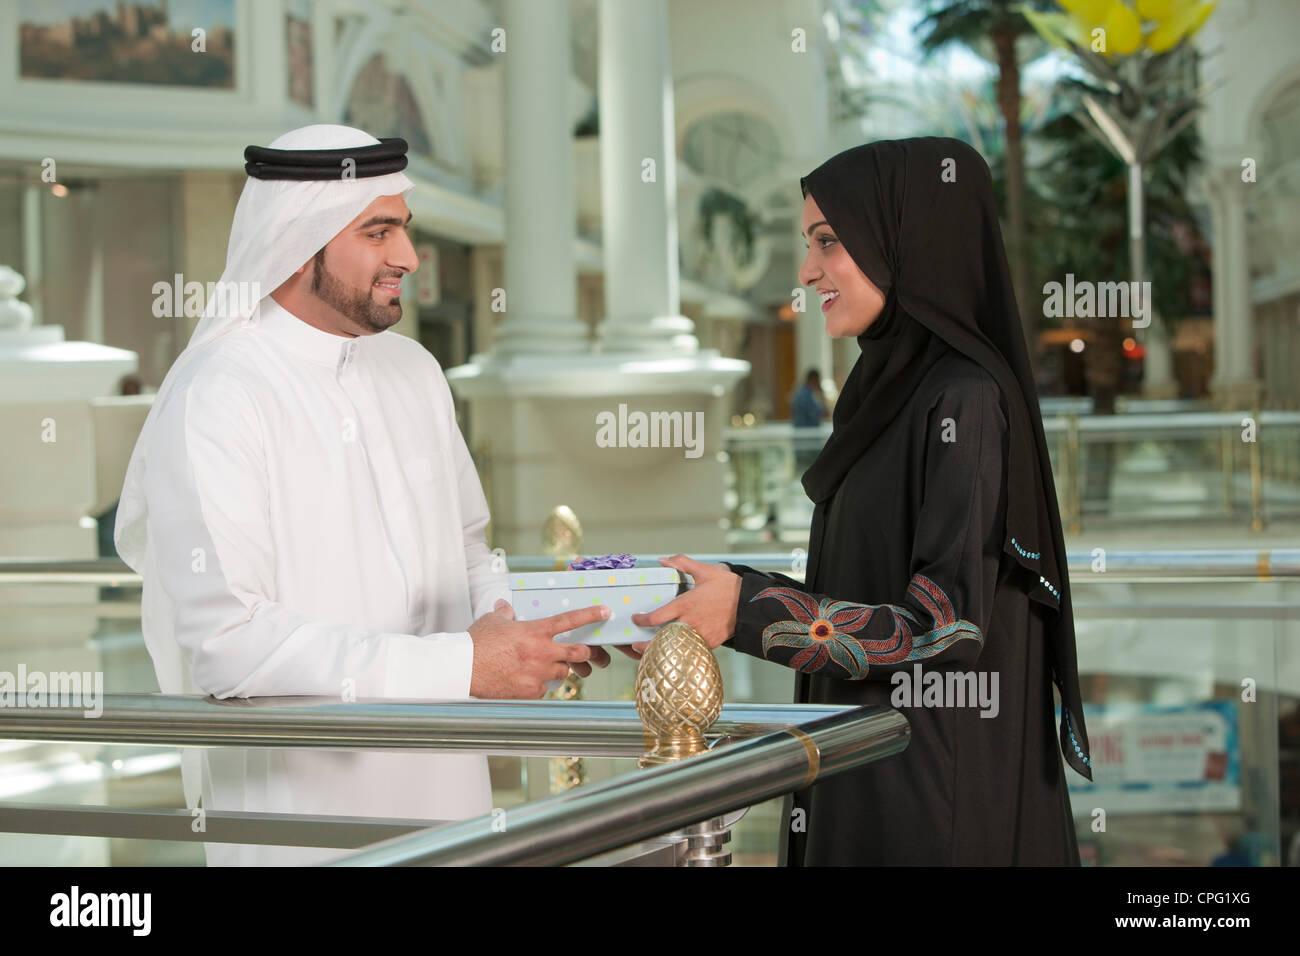 Arabische Mann Geschenk zur Frau zu geben. Stockbild